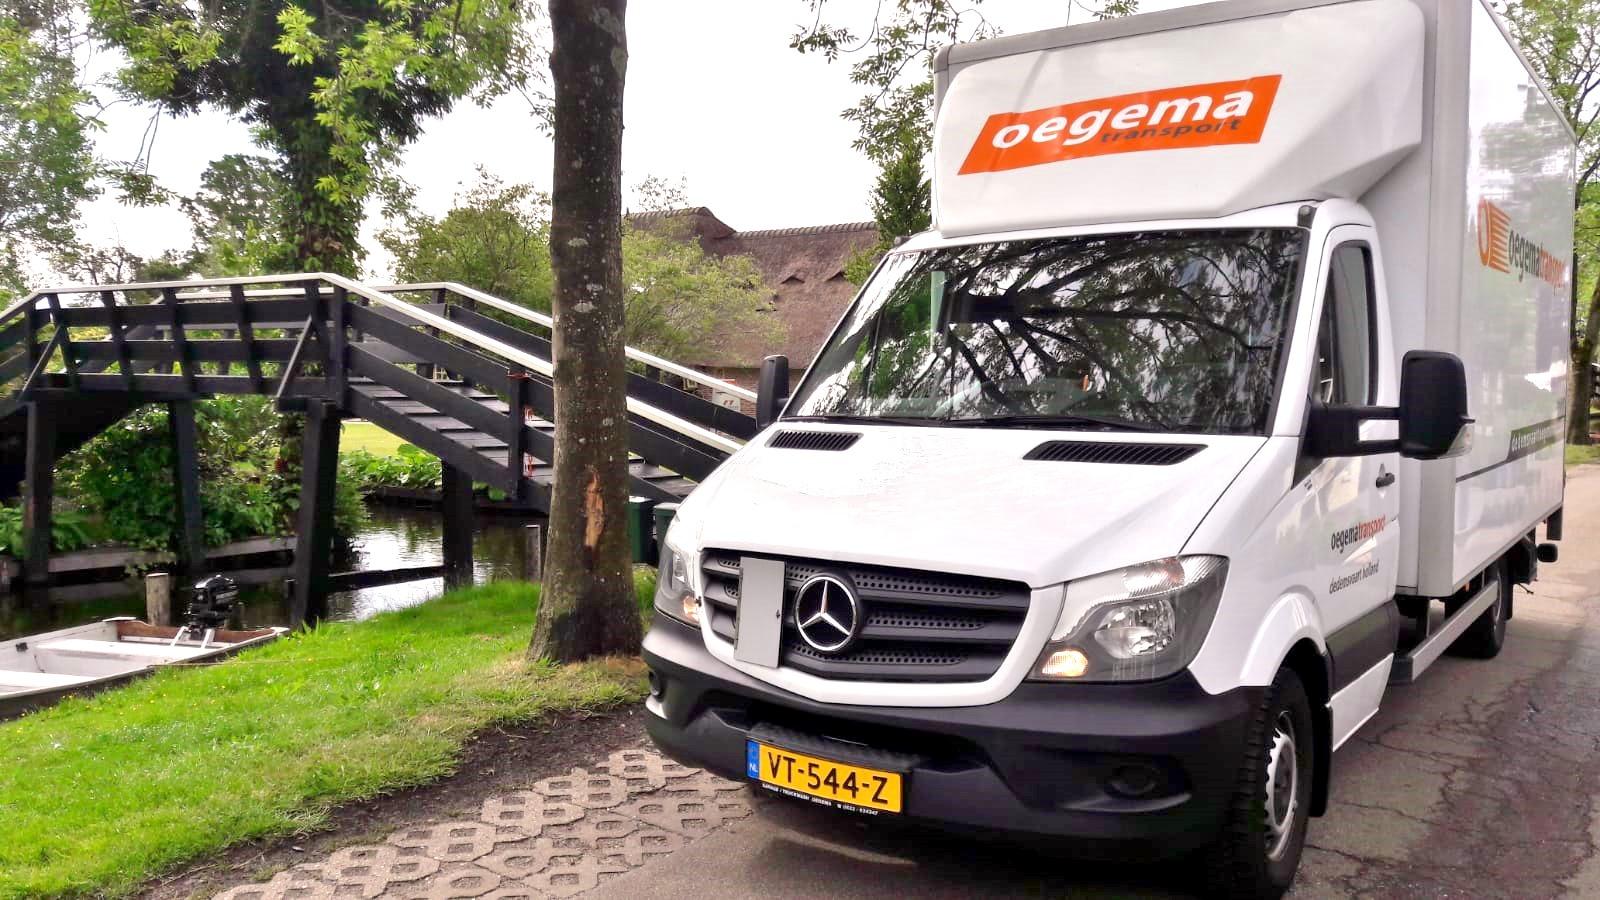 Edgar-met-een-vakantie-toutje-naar-Giethoorn--5-6-2020--2